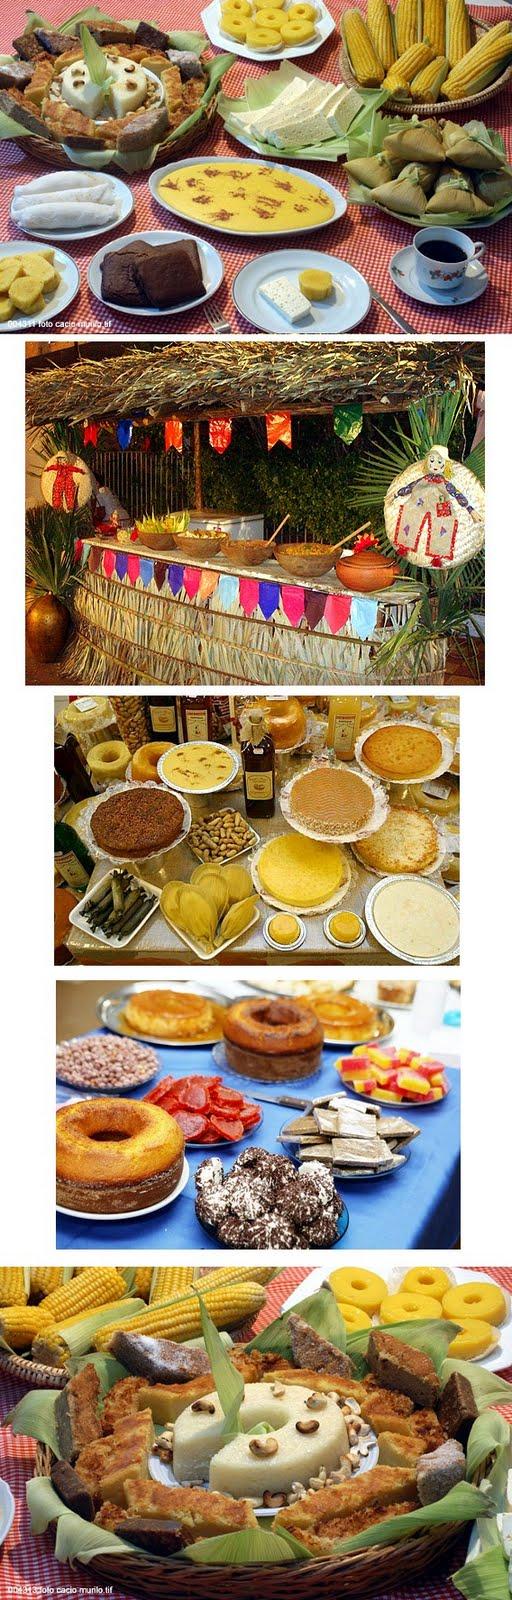 Comidas típicas de São João